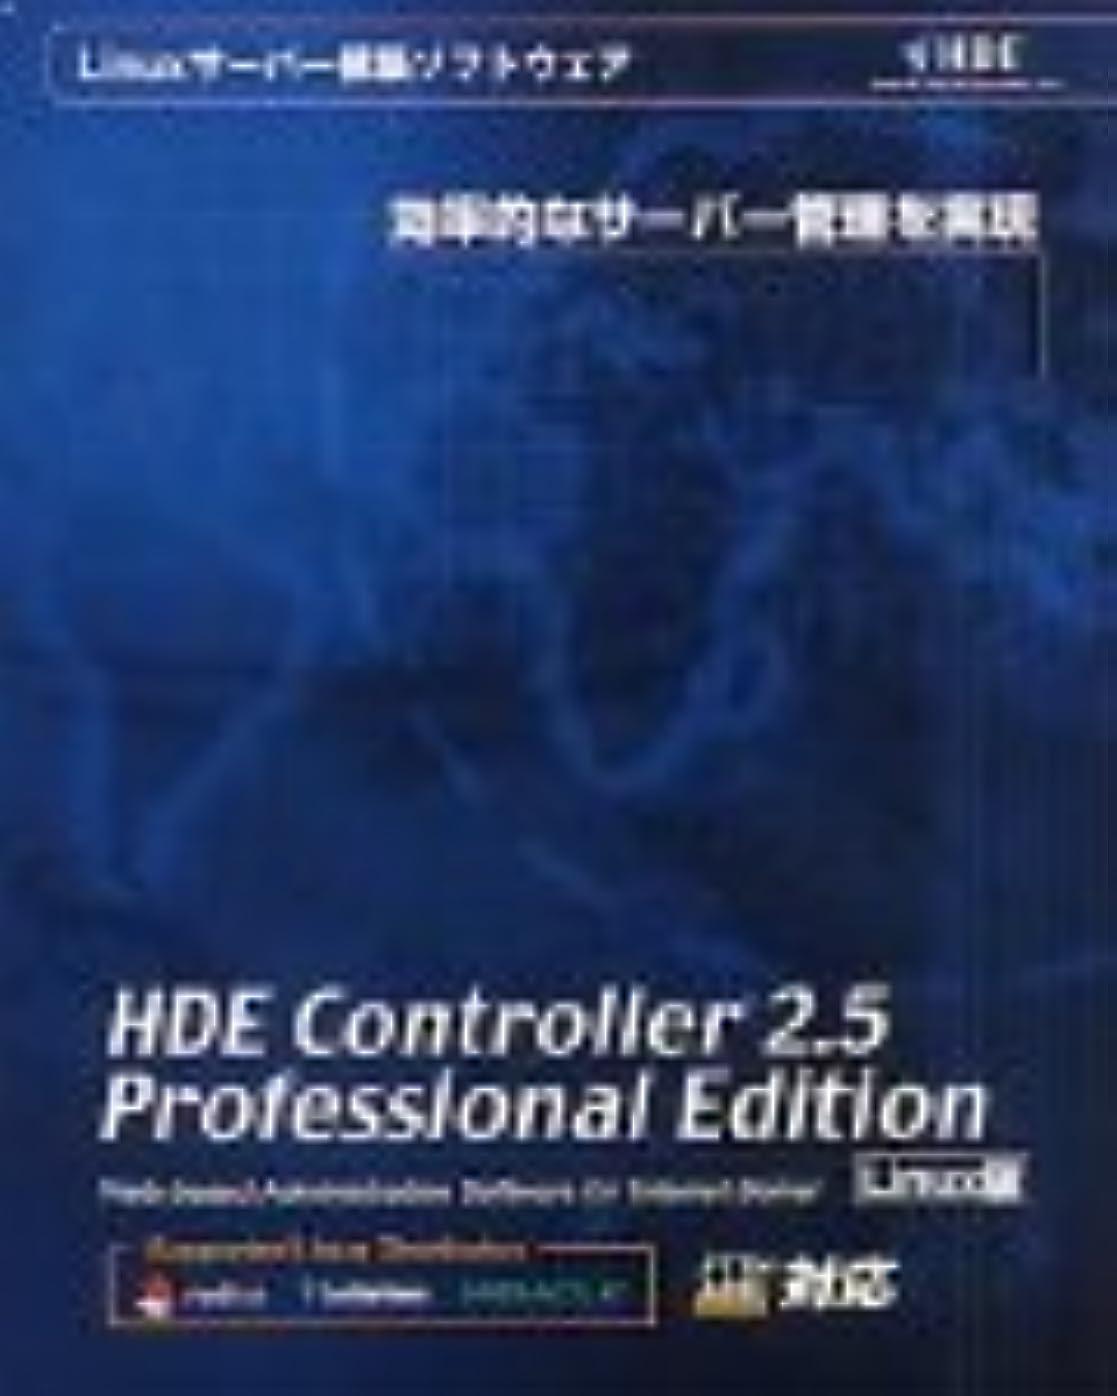 ノイズ太鼓腹締め切りHDE Controller 2.5 Professional Edition Linux版 優待版